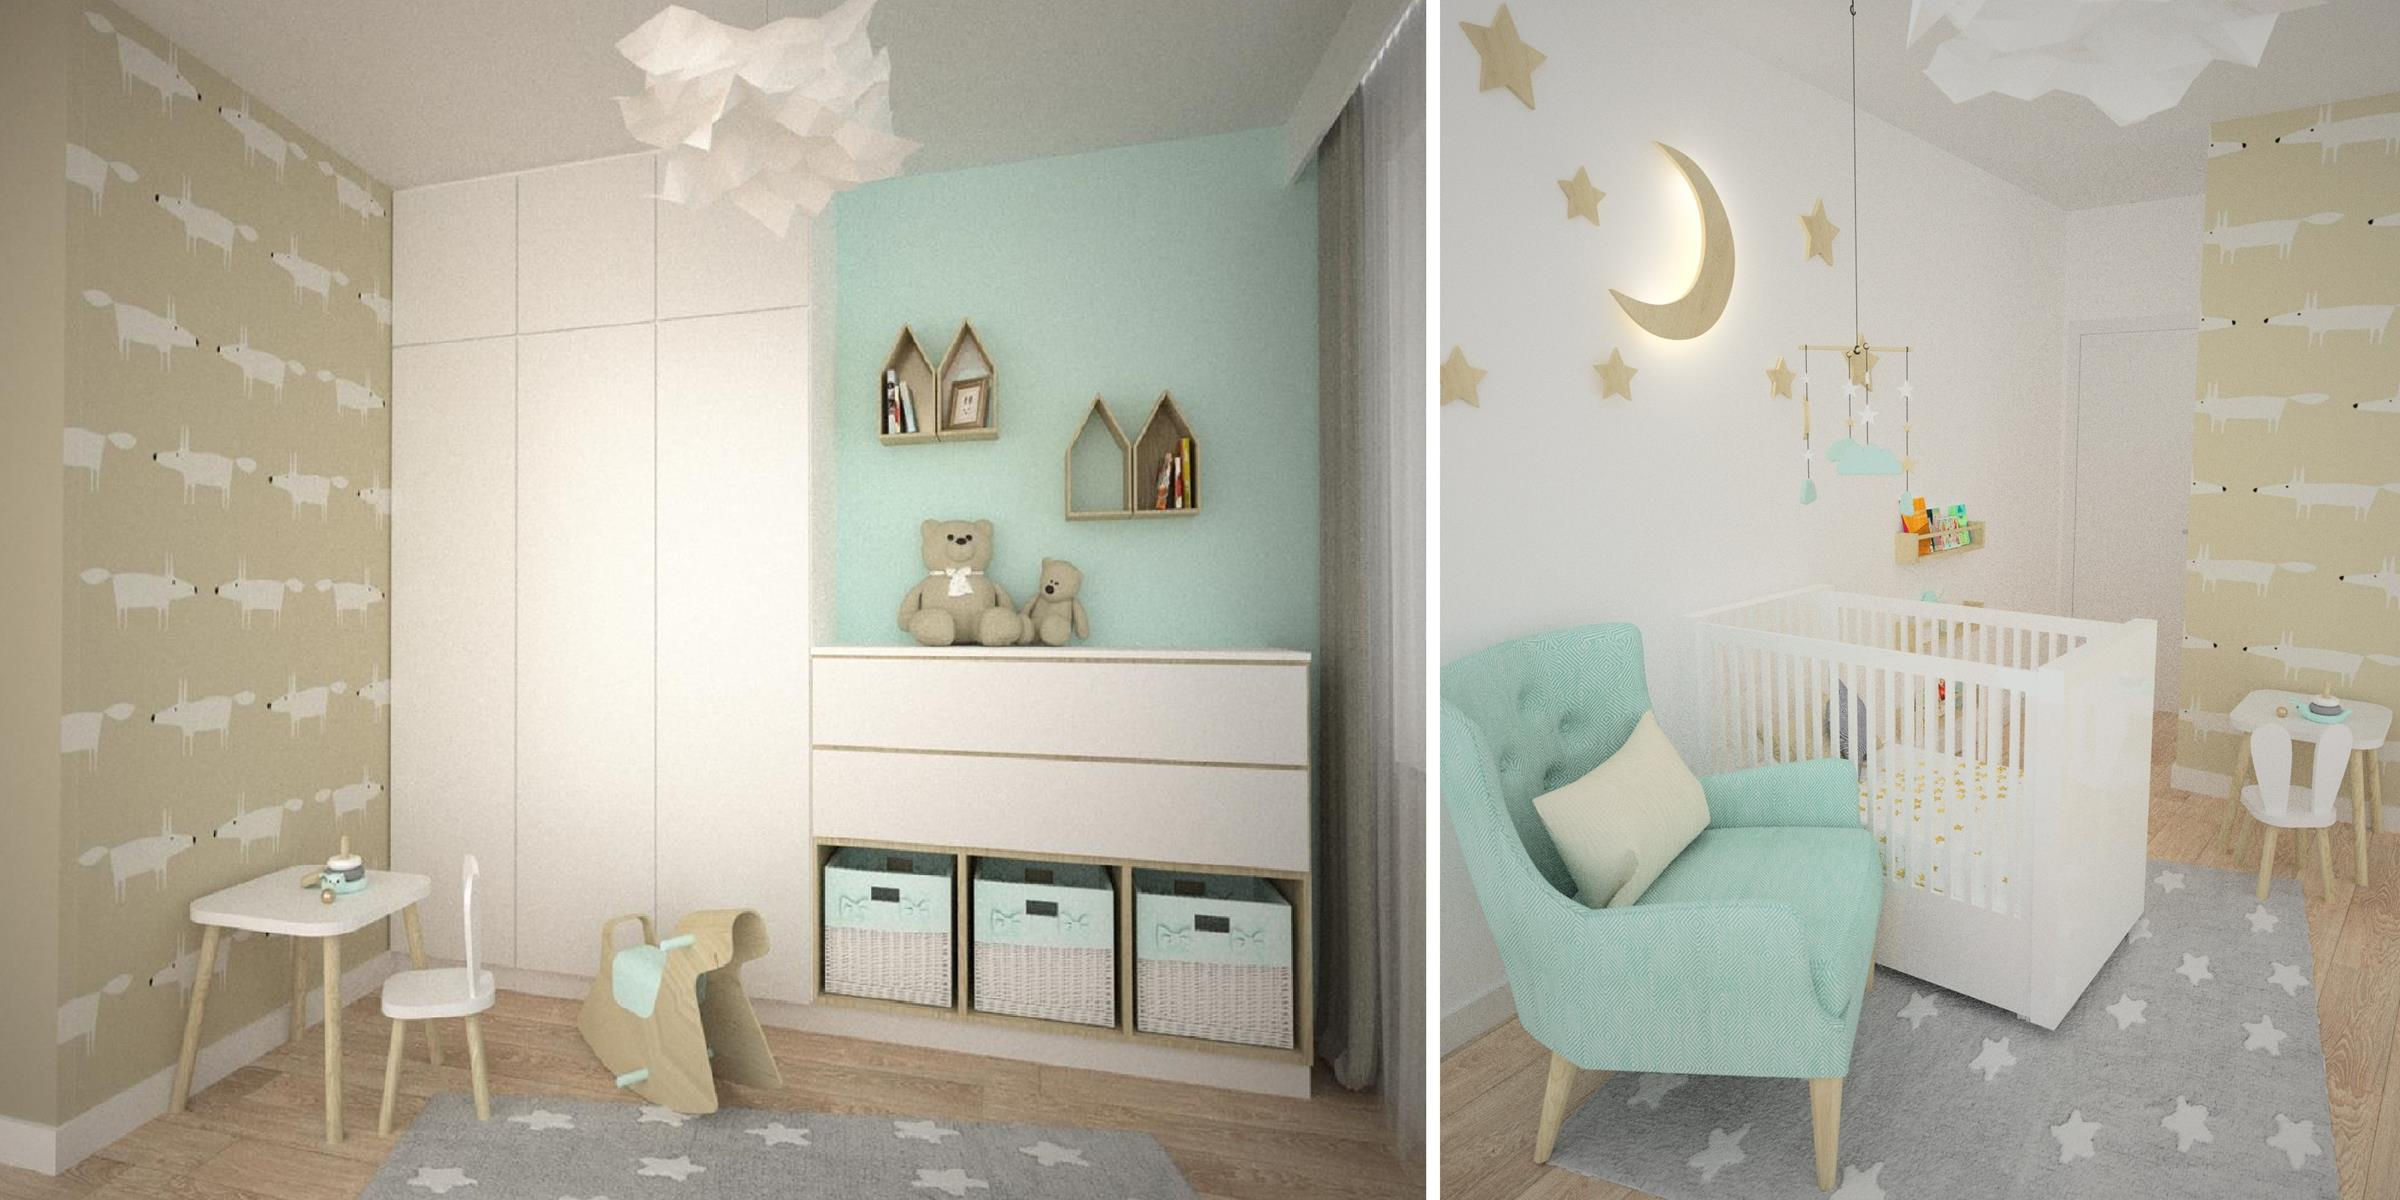 biało miętowy pokój dla dziecka